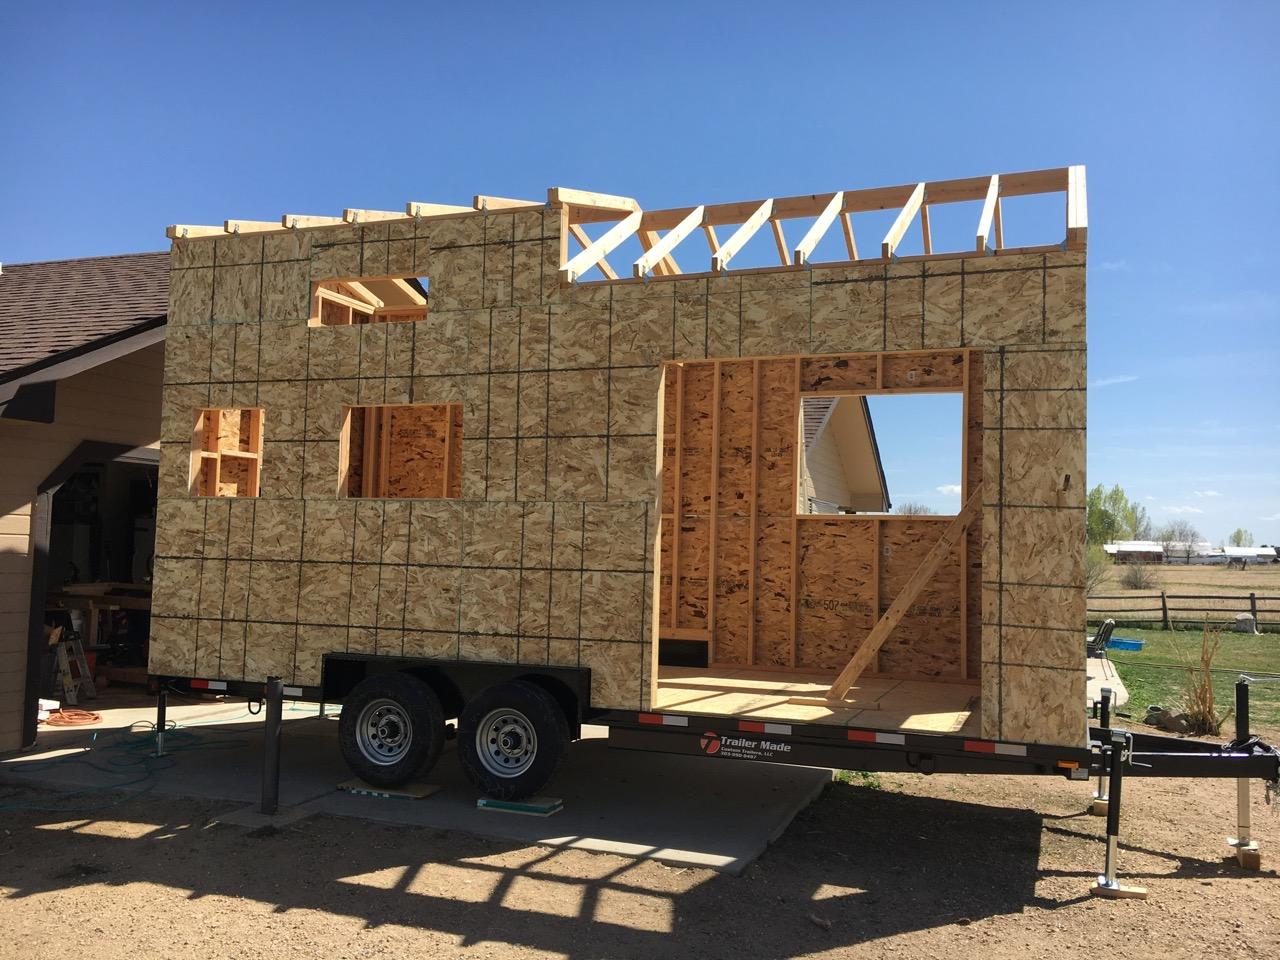 Wheelhouse-tiny-homes-5.jpg